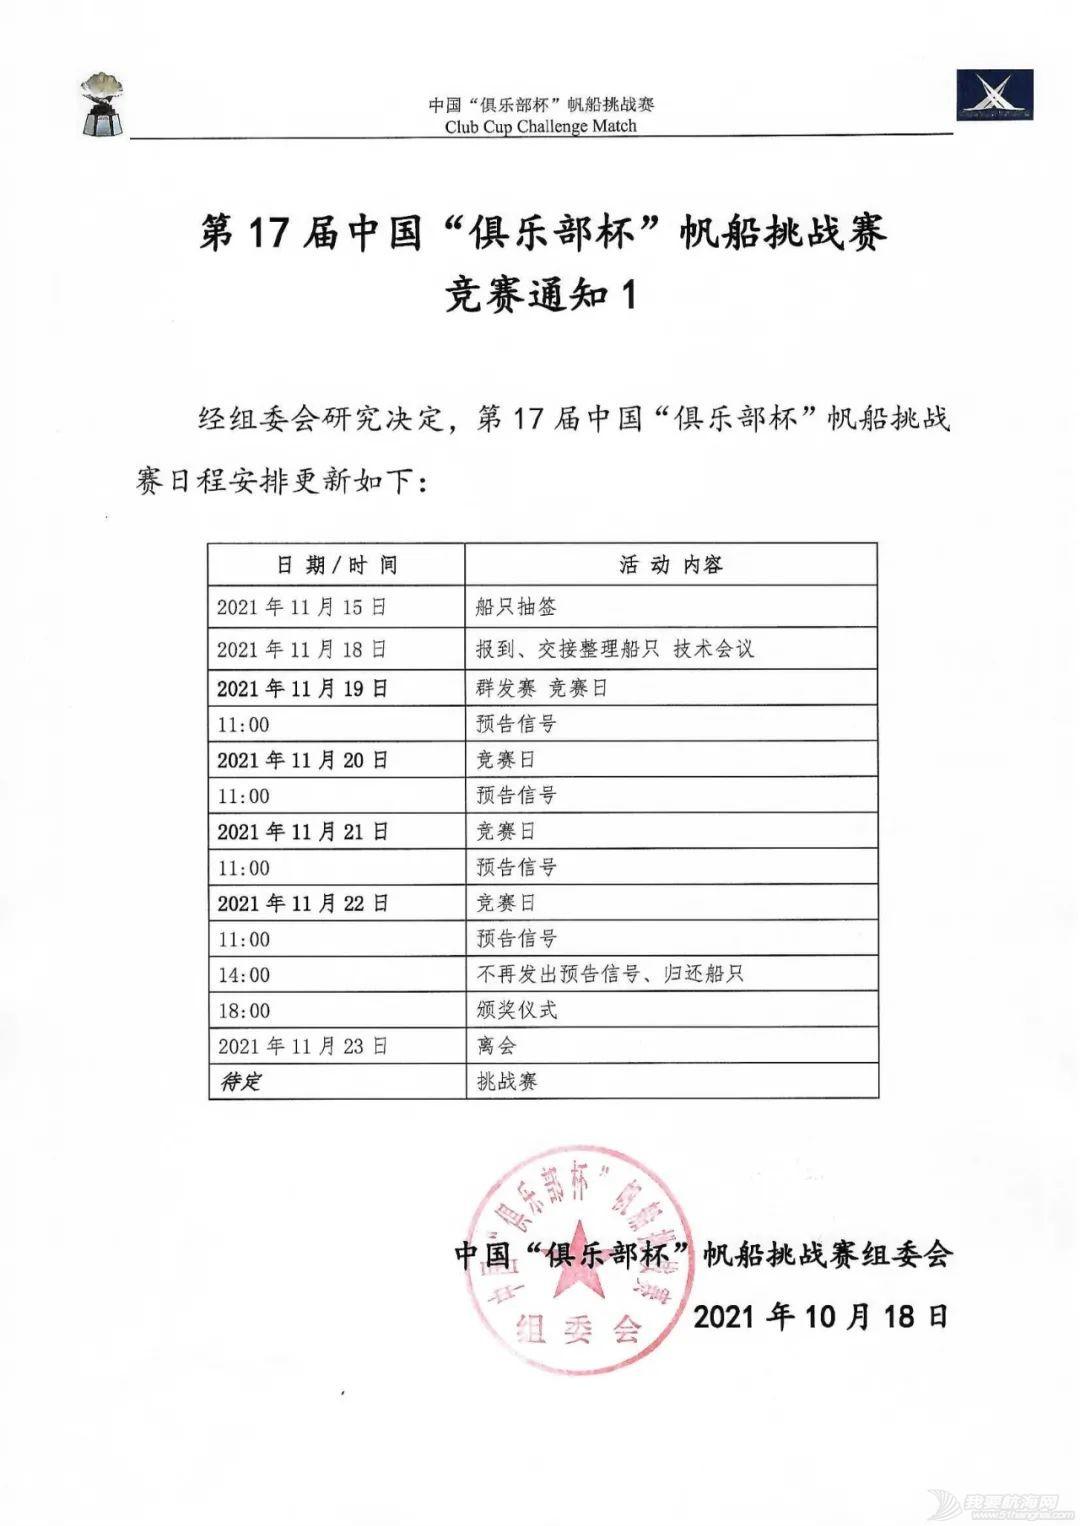 竞赛通知1 | 第17届中国俱乐部杯帆船挑战赛